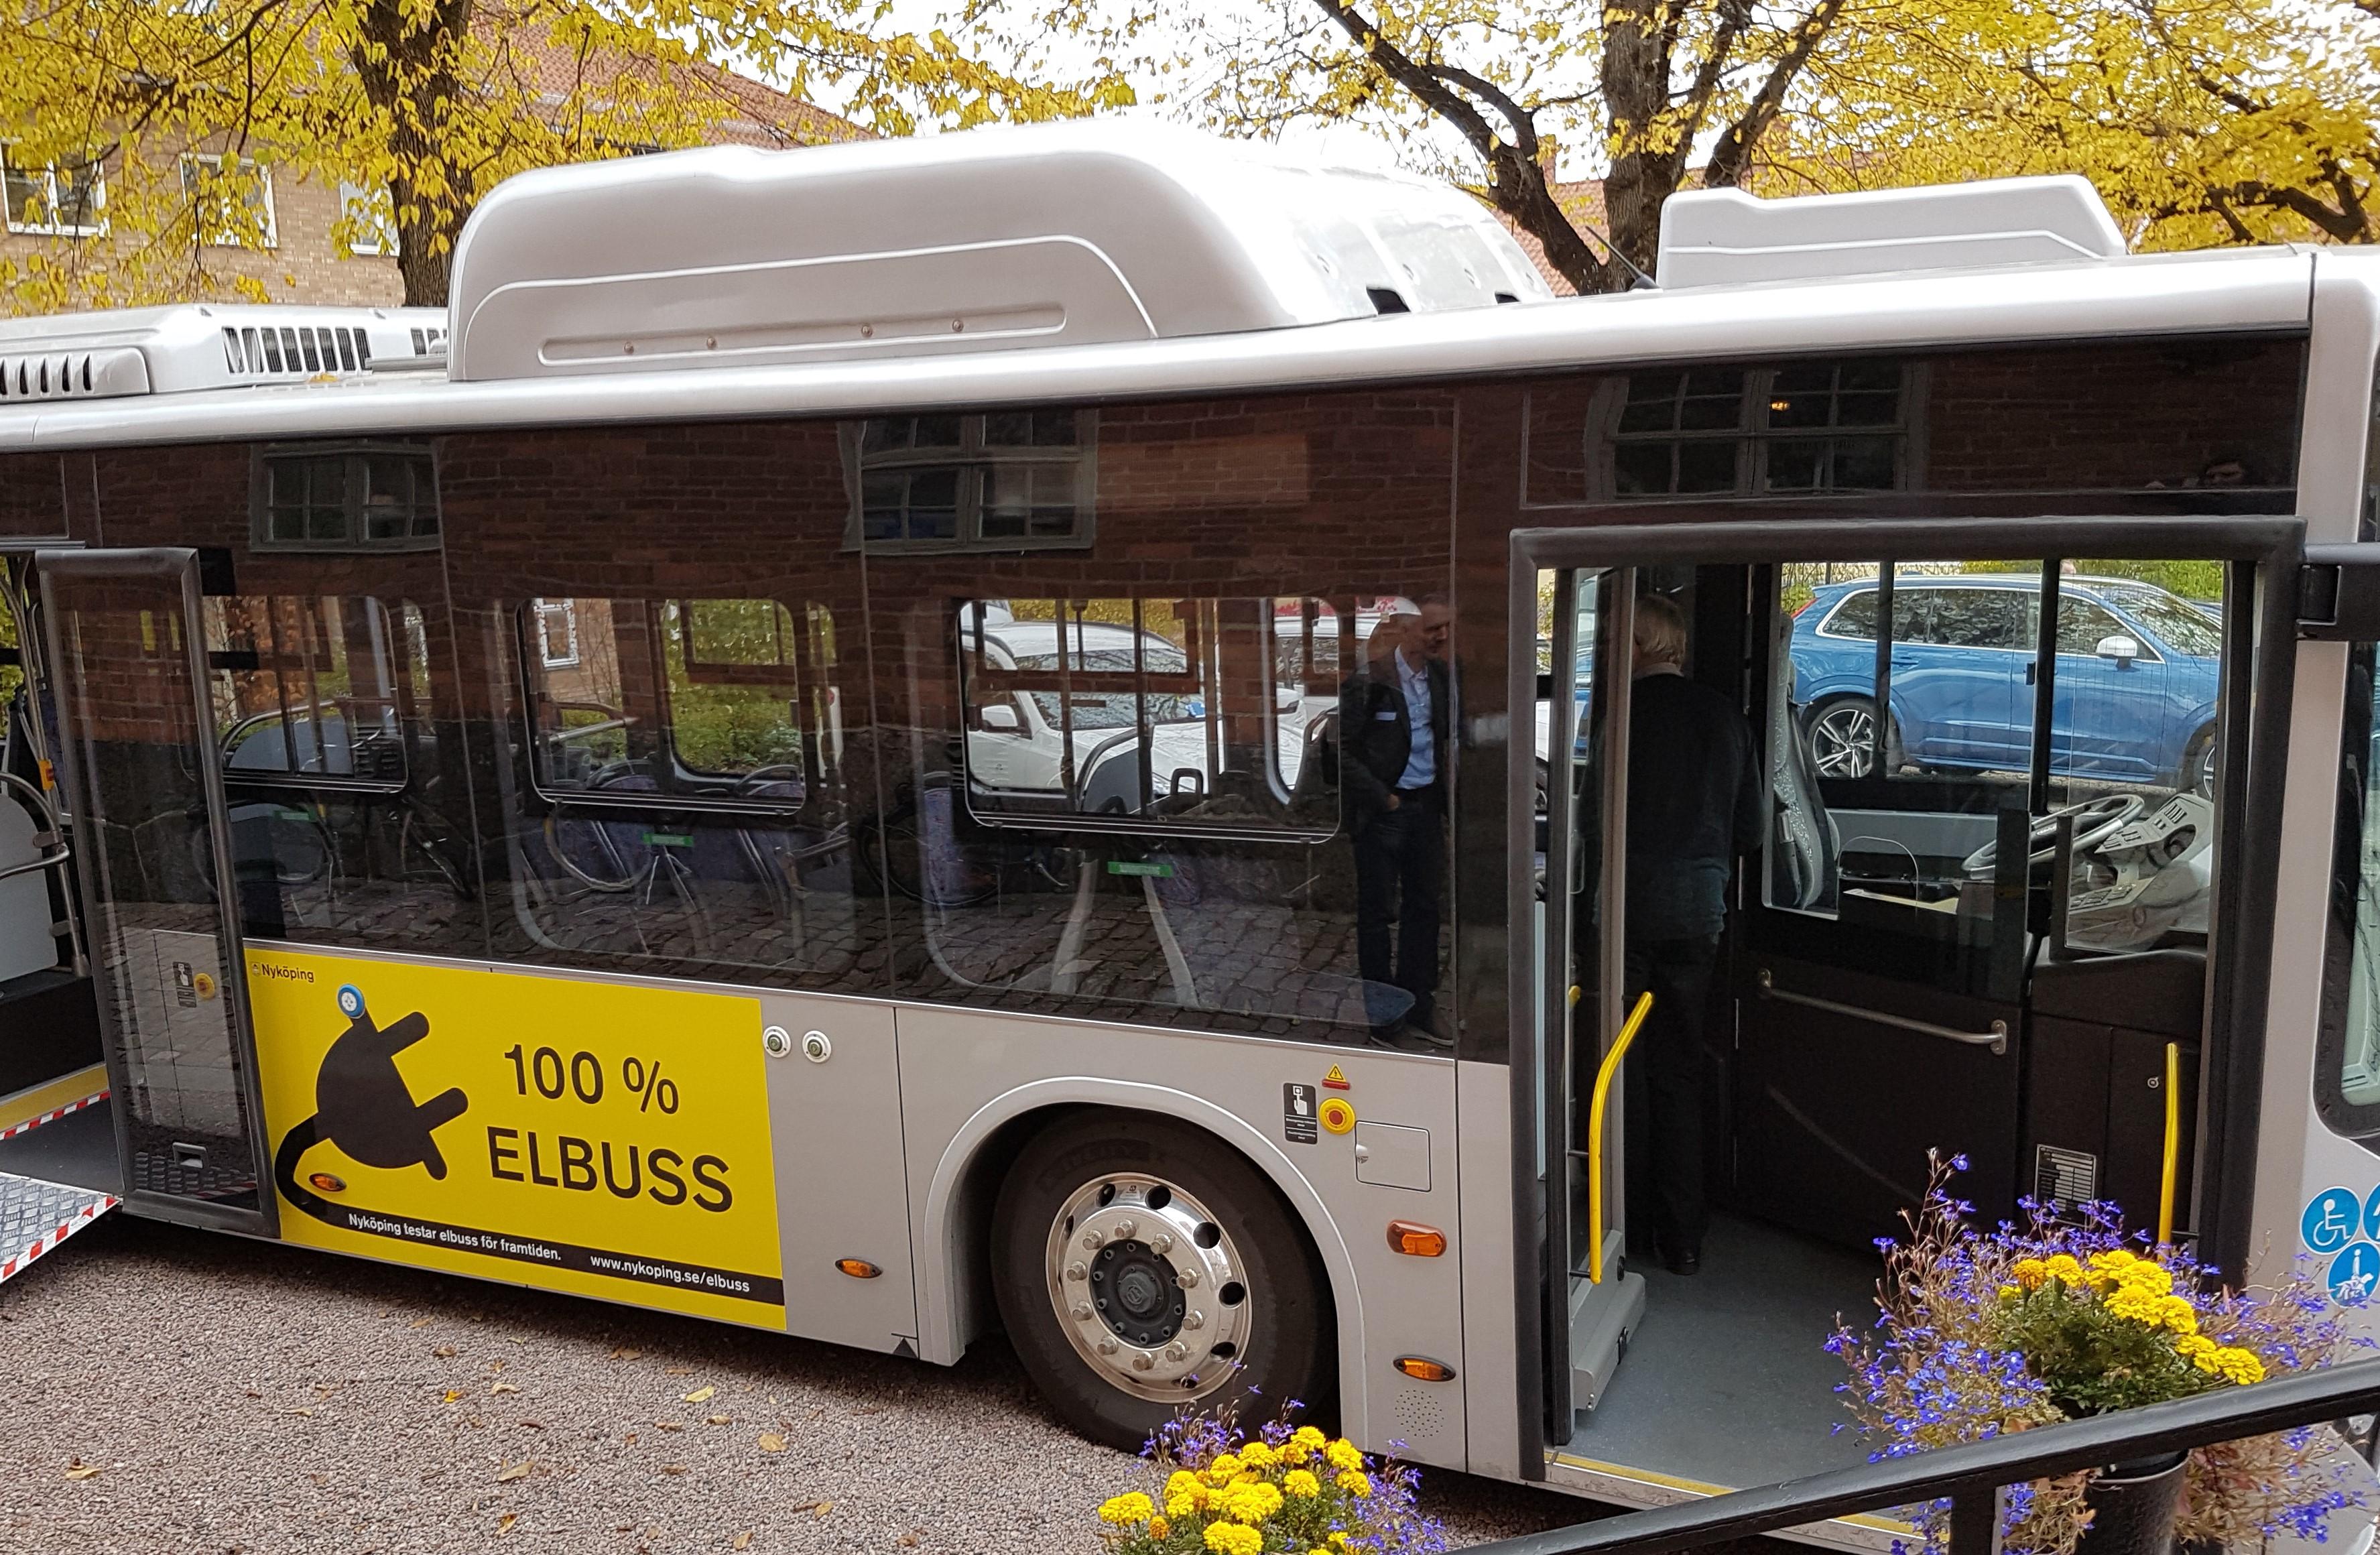 Anbud365: Tror mer på funksjonskrav enn standardisering for å kutte busskostnader